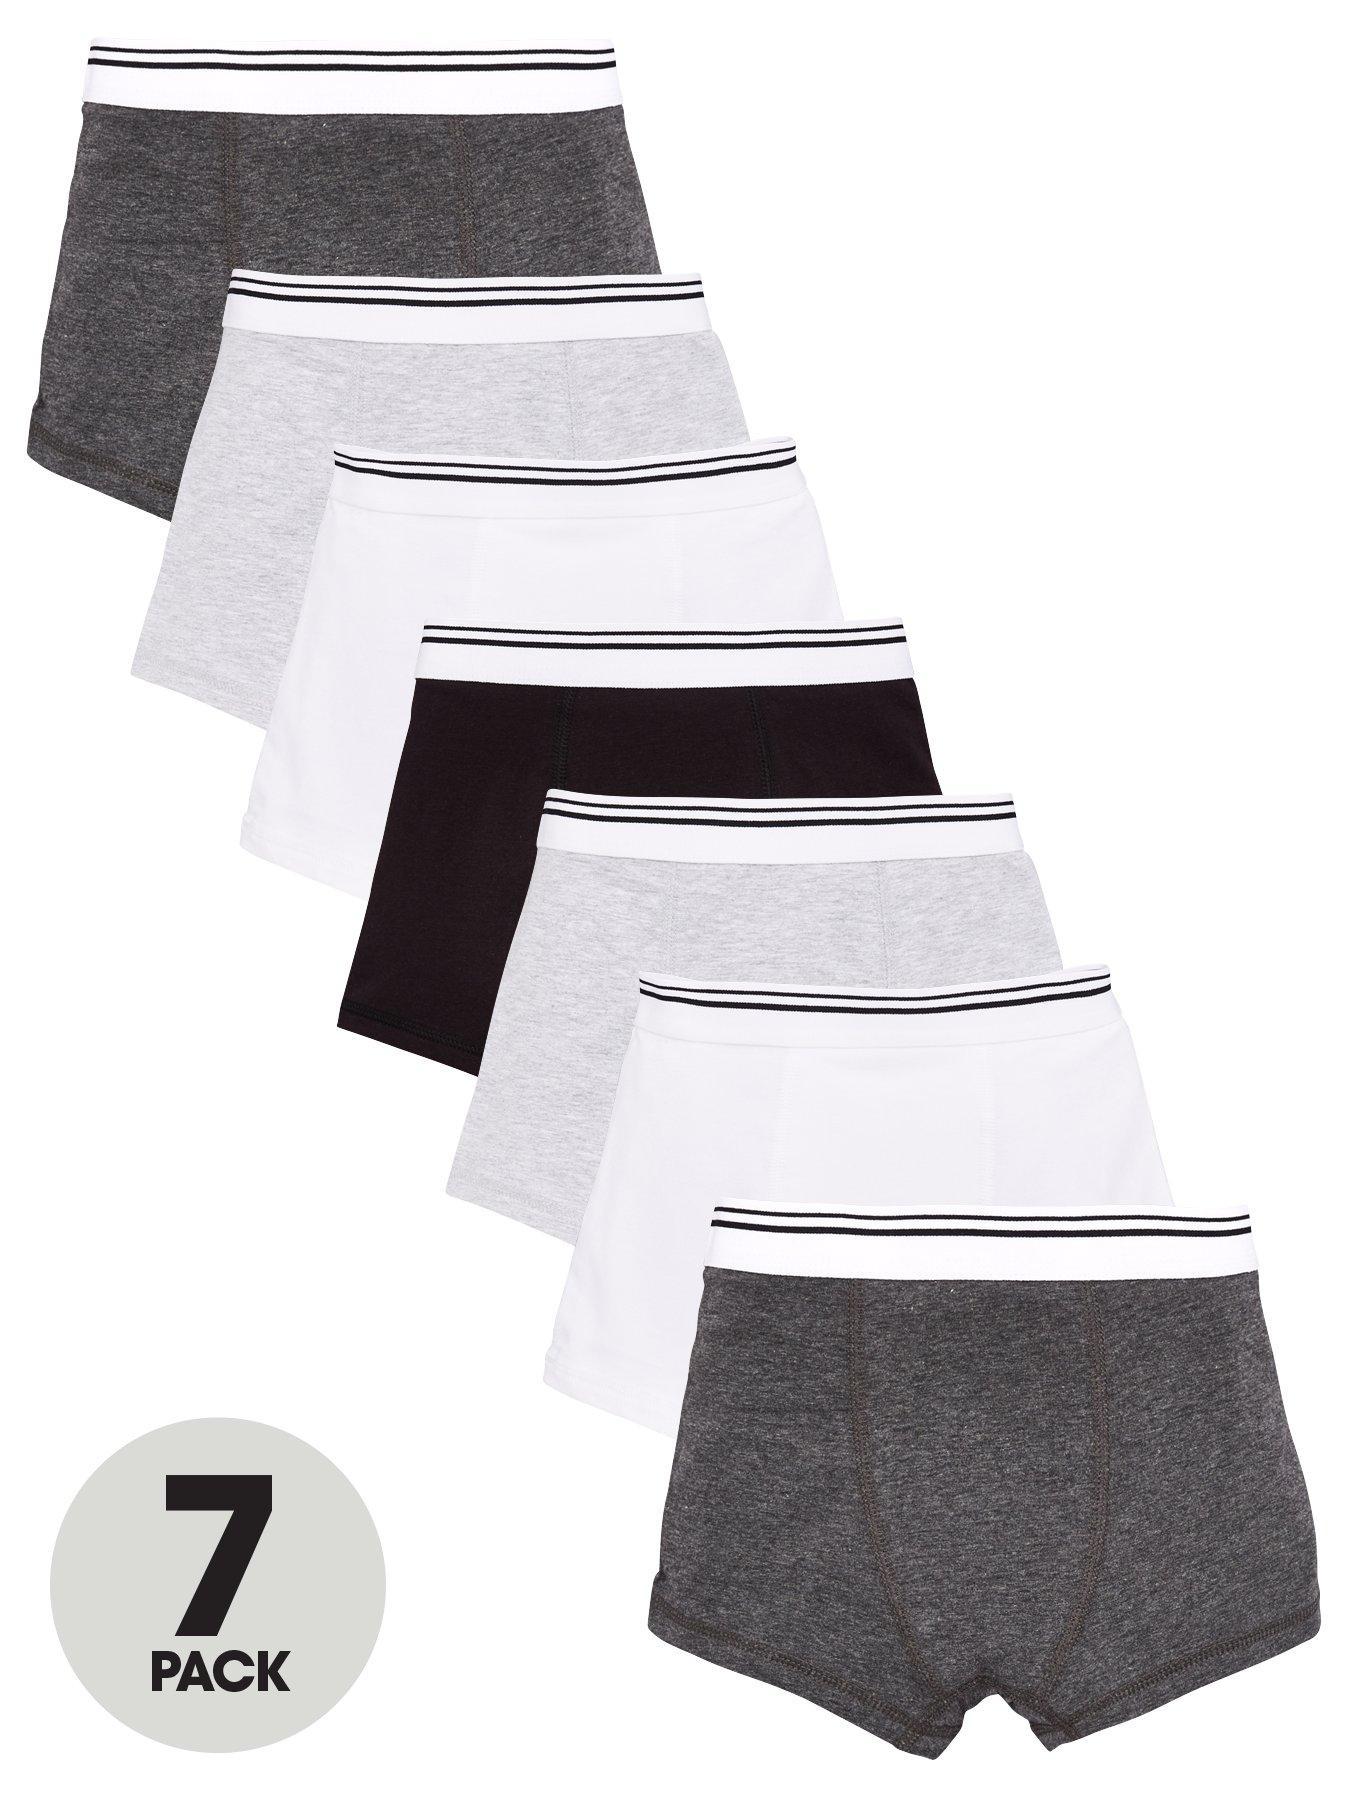 SpongeBob Mens// boys  Boxer Short Trunks Socks Underwear Novelty Gift Set